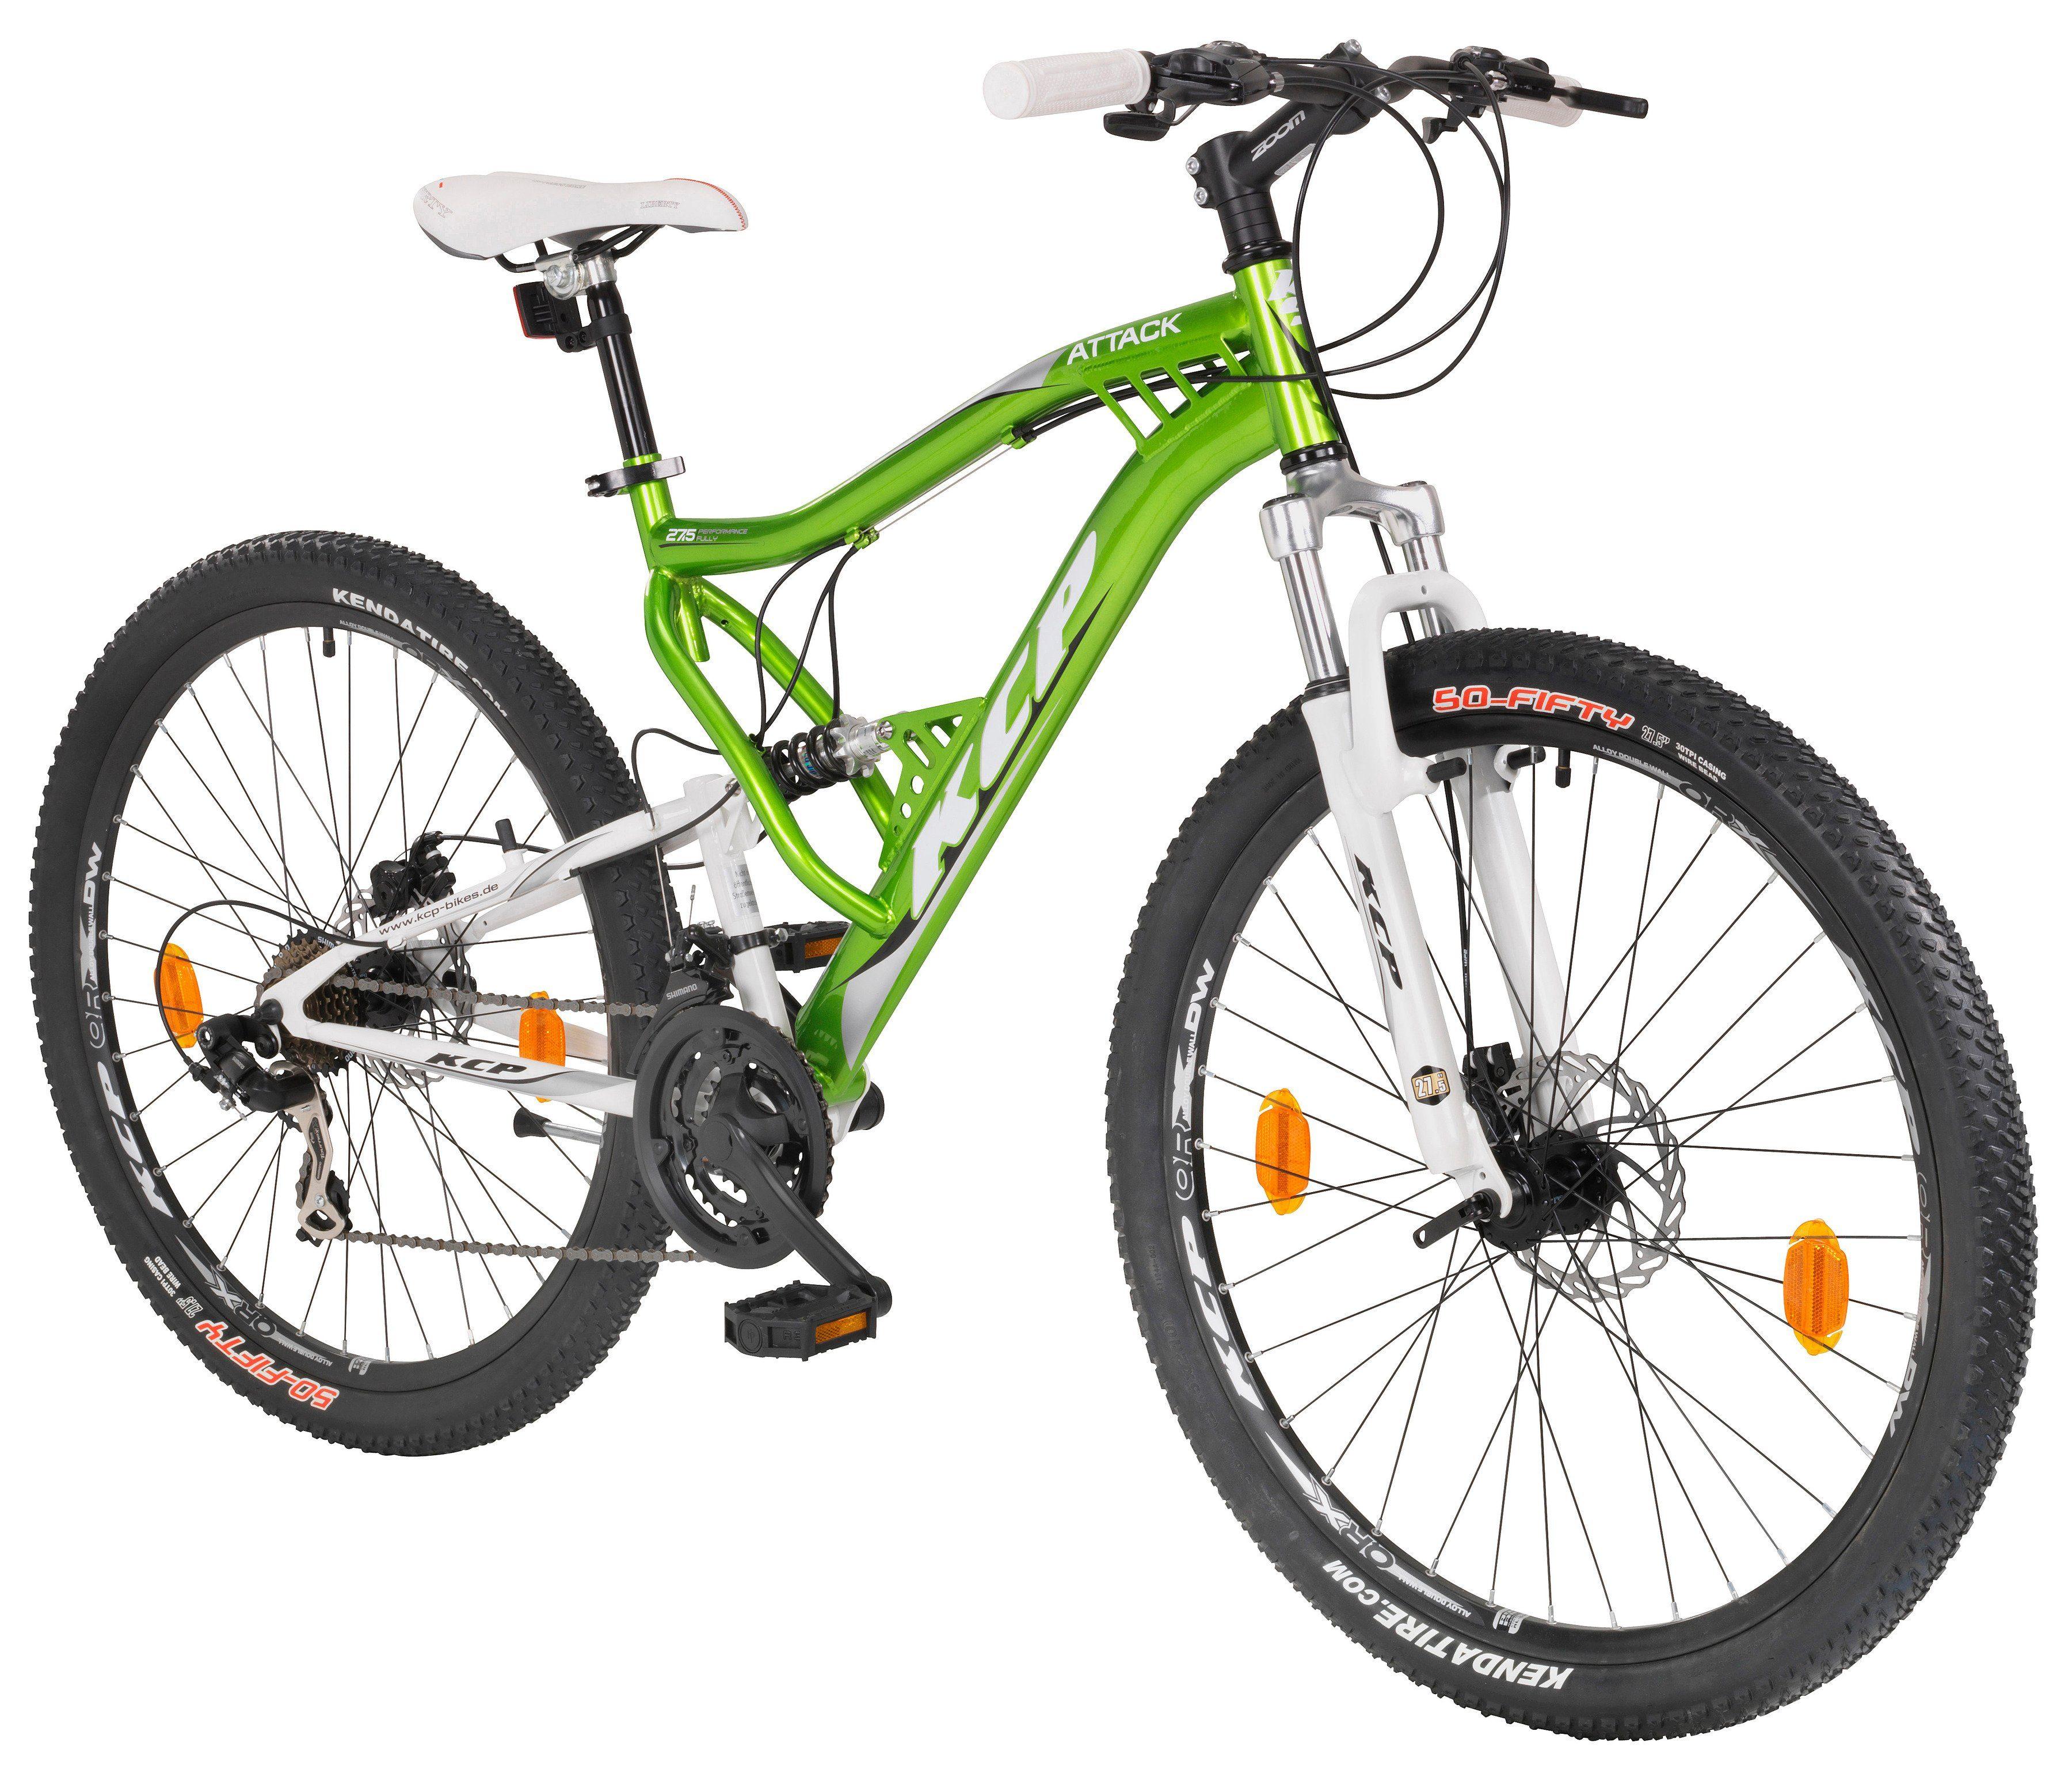 KCP Mountainbike »ATTACK grün«, 27,5 Zoll, 21 Gang, Scheibenbremsen